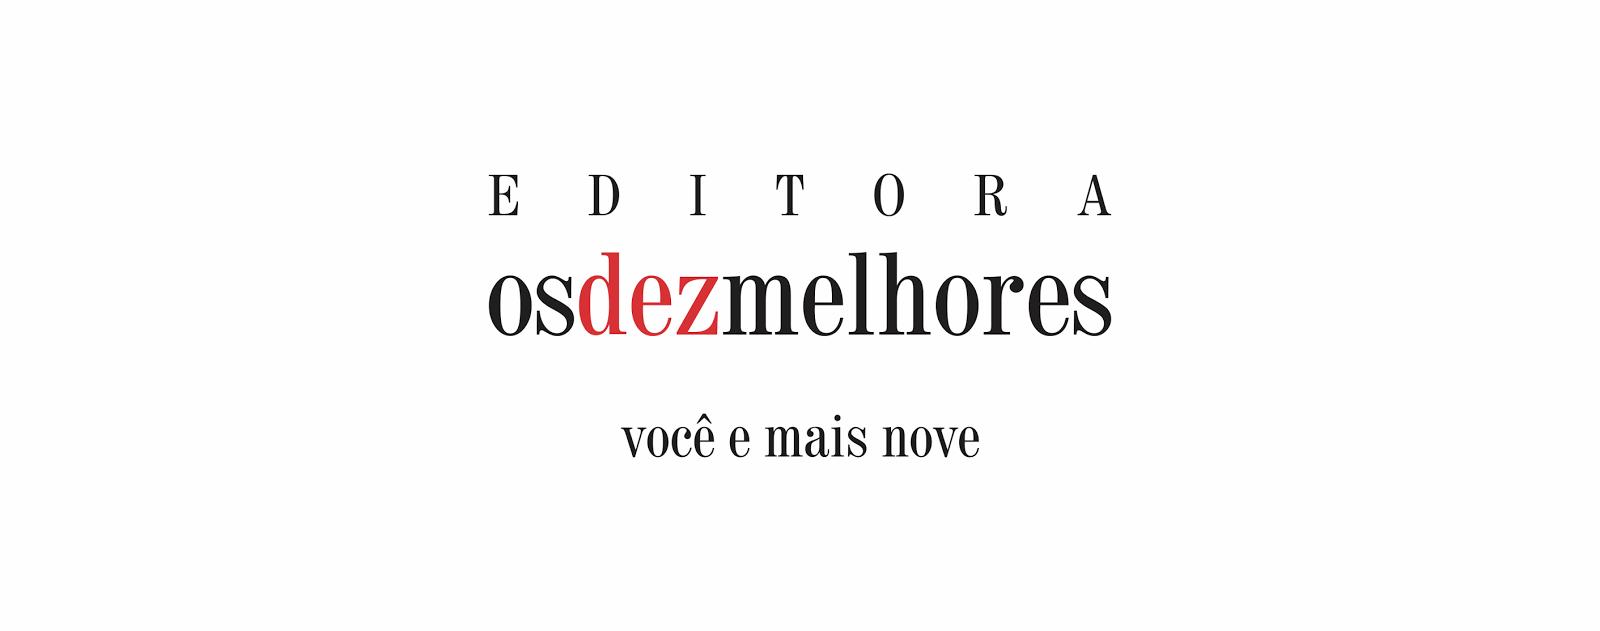 www.editoraosdezmelhores.blogspot.com.br